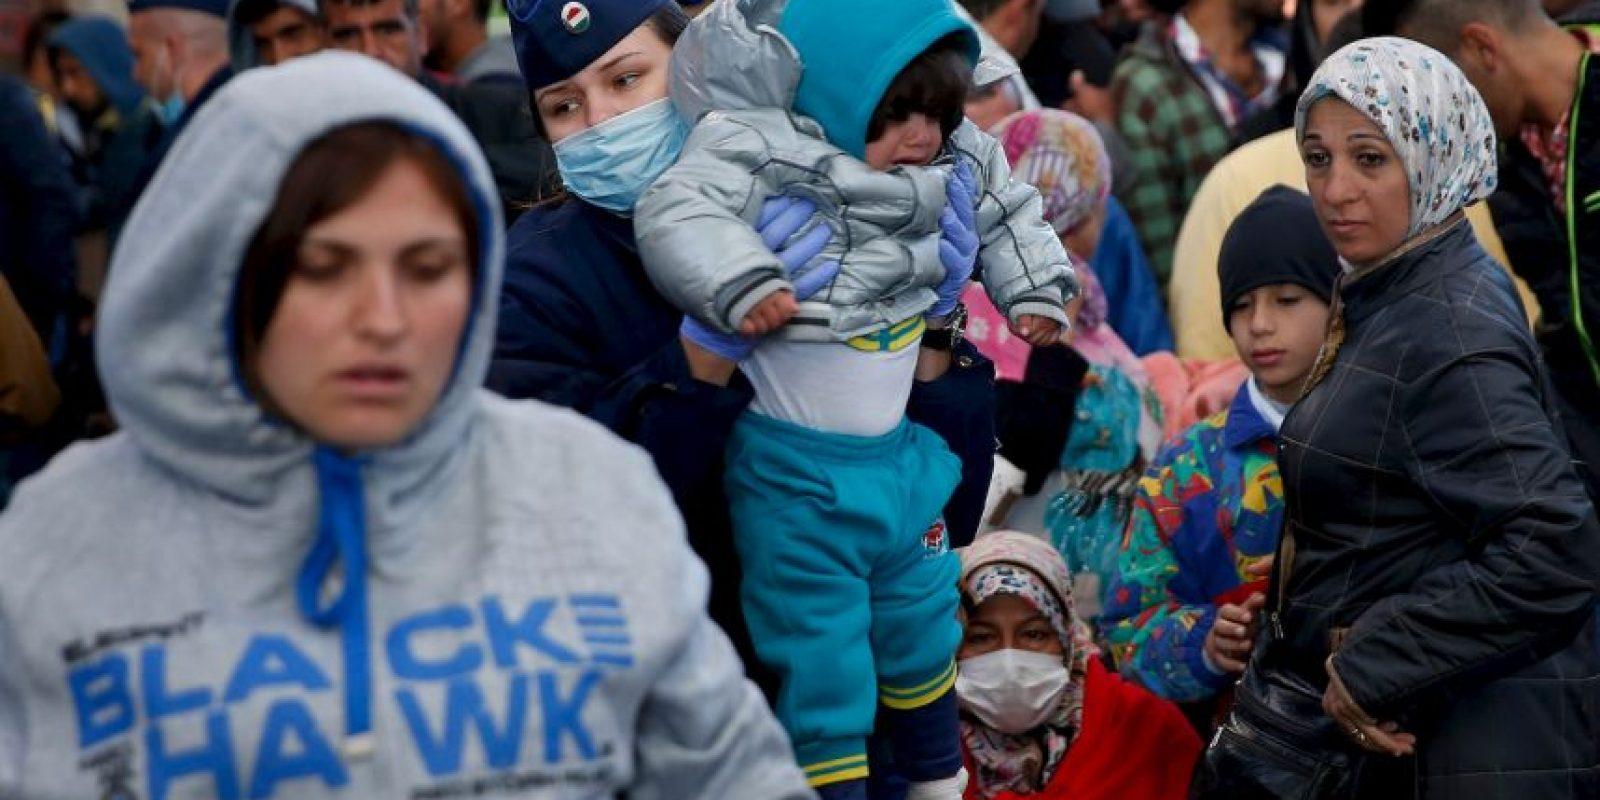 También se dedica a proteger y ofrecer servicios a los niños. Pueden hacer su donativo vía web o en la oficina local. Foto:Getty Images